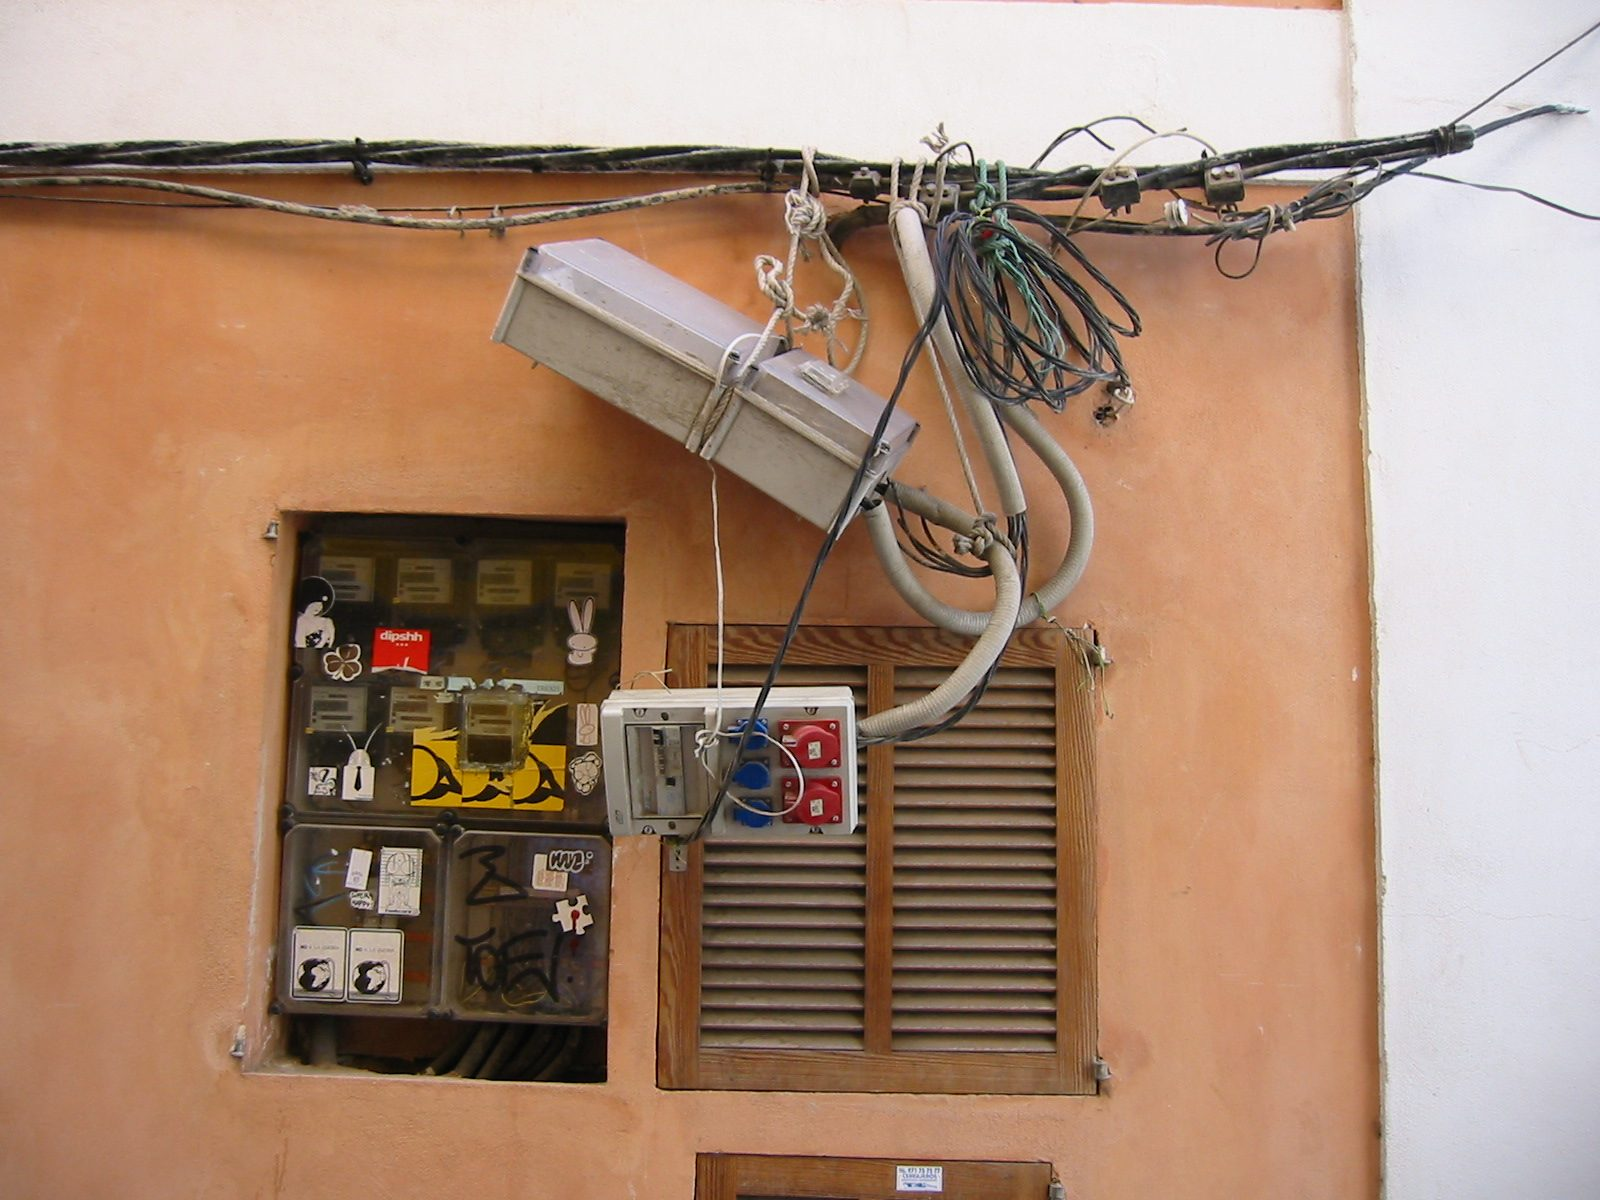 AMn sieht ein Gewirr von elektrischen Leitungen, die an Seilen hängen, mit Verteilerkästen, die fliegend aufgehängt sind. Das reinste Chaos! und ... außen!!!